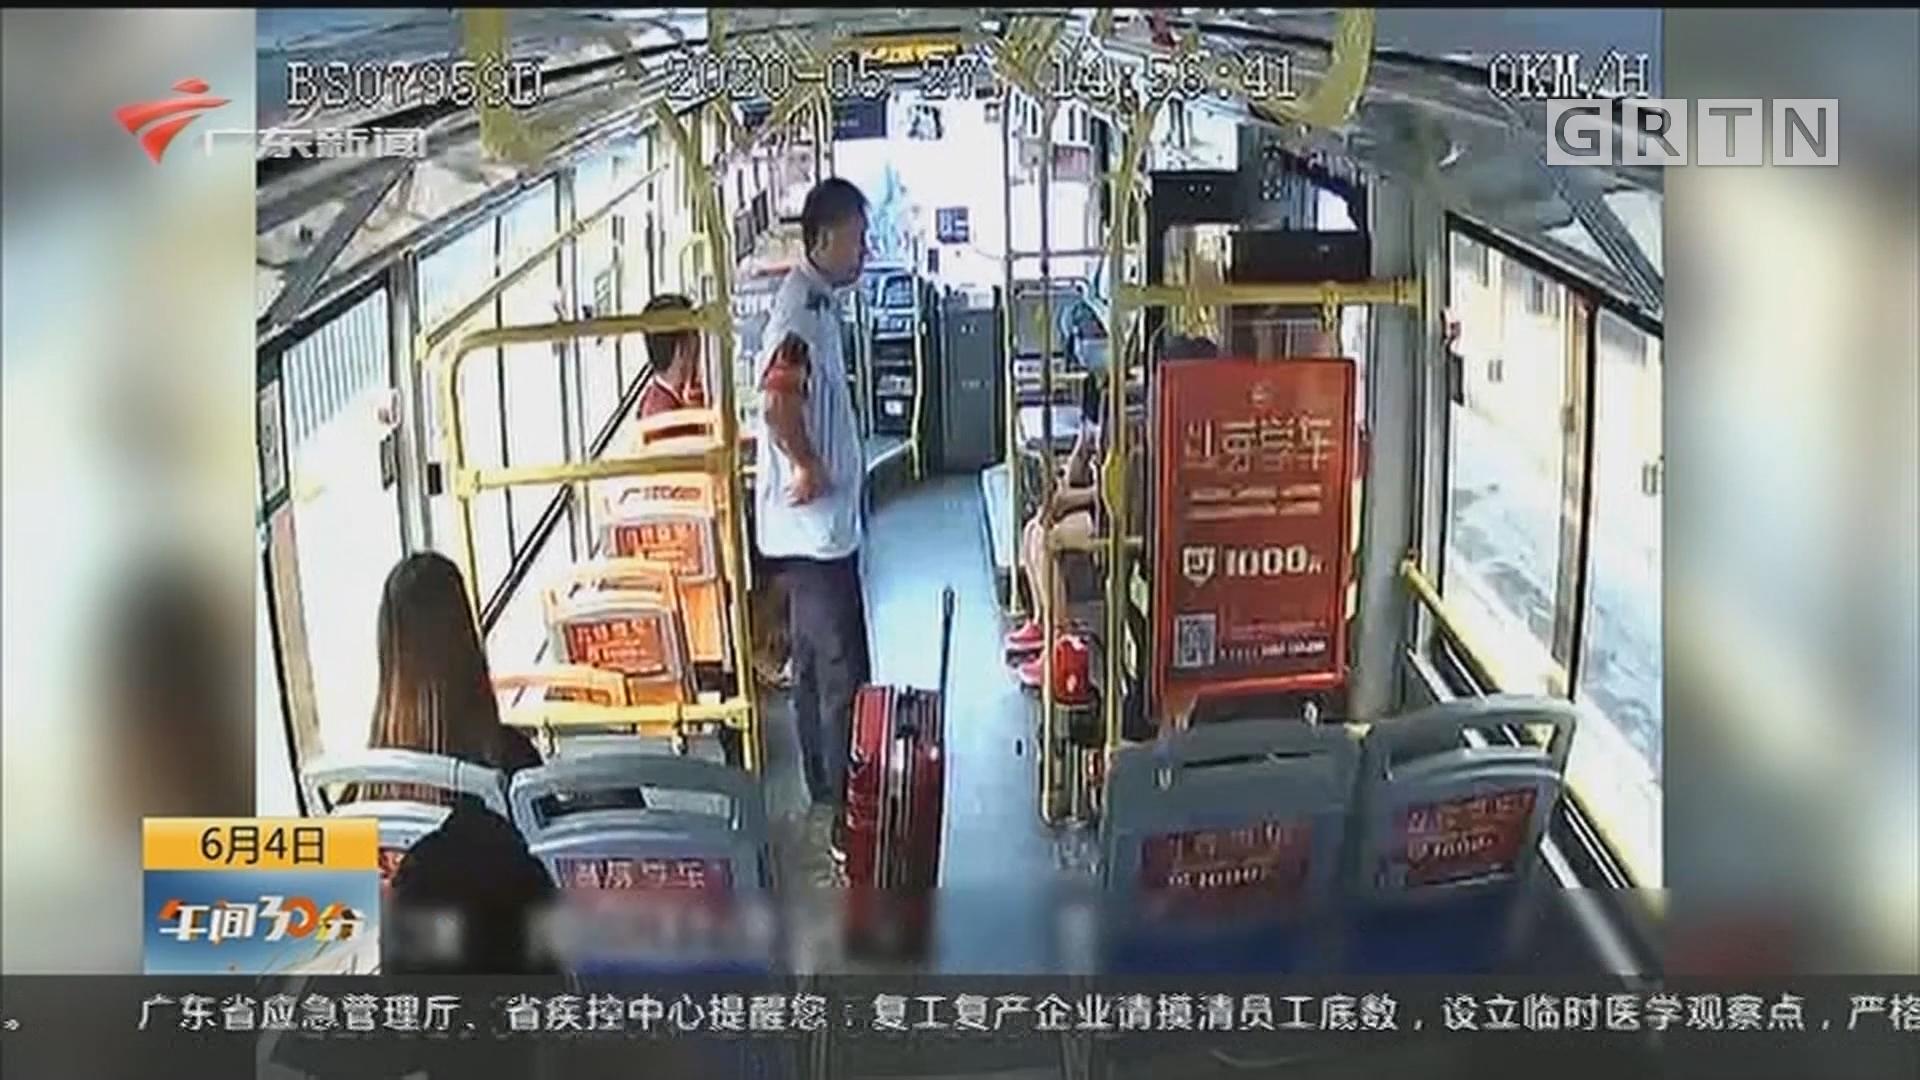 深圳:男子大闹公交车被拘